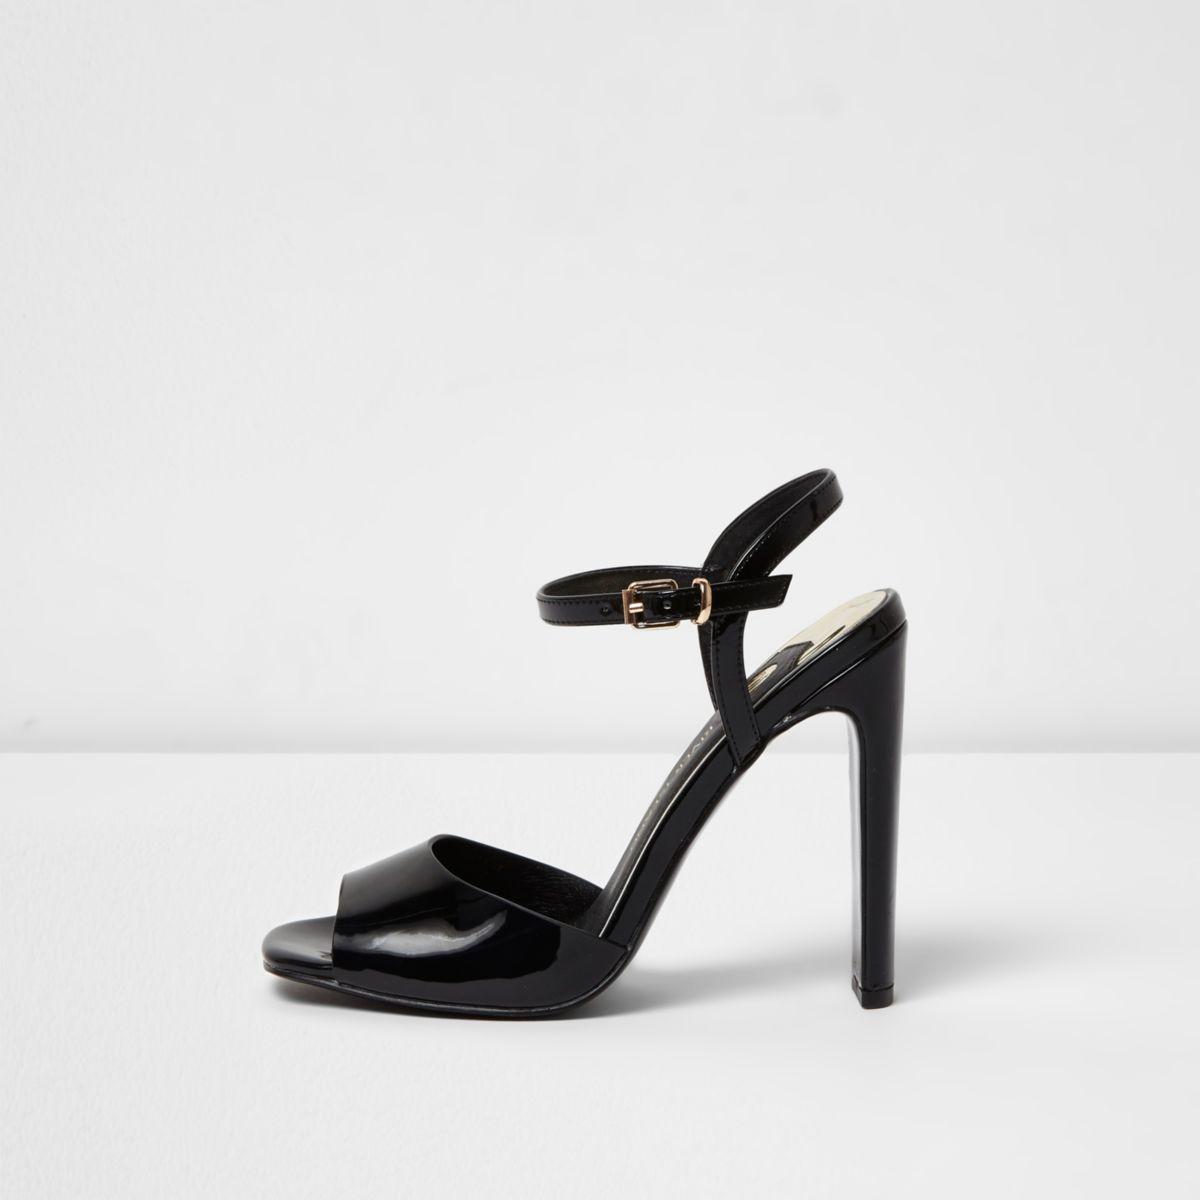 Black slim block heel sandals